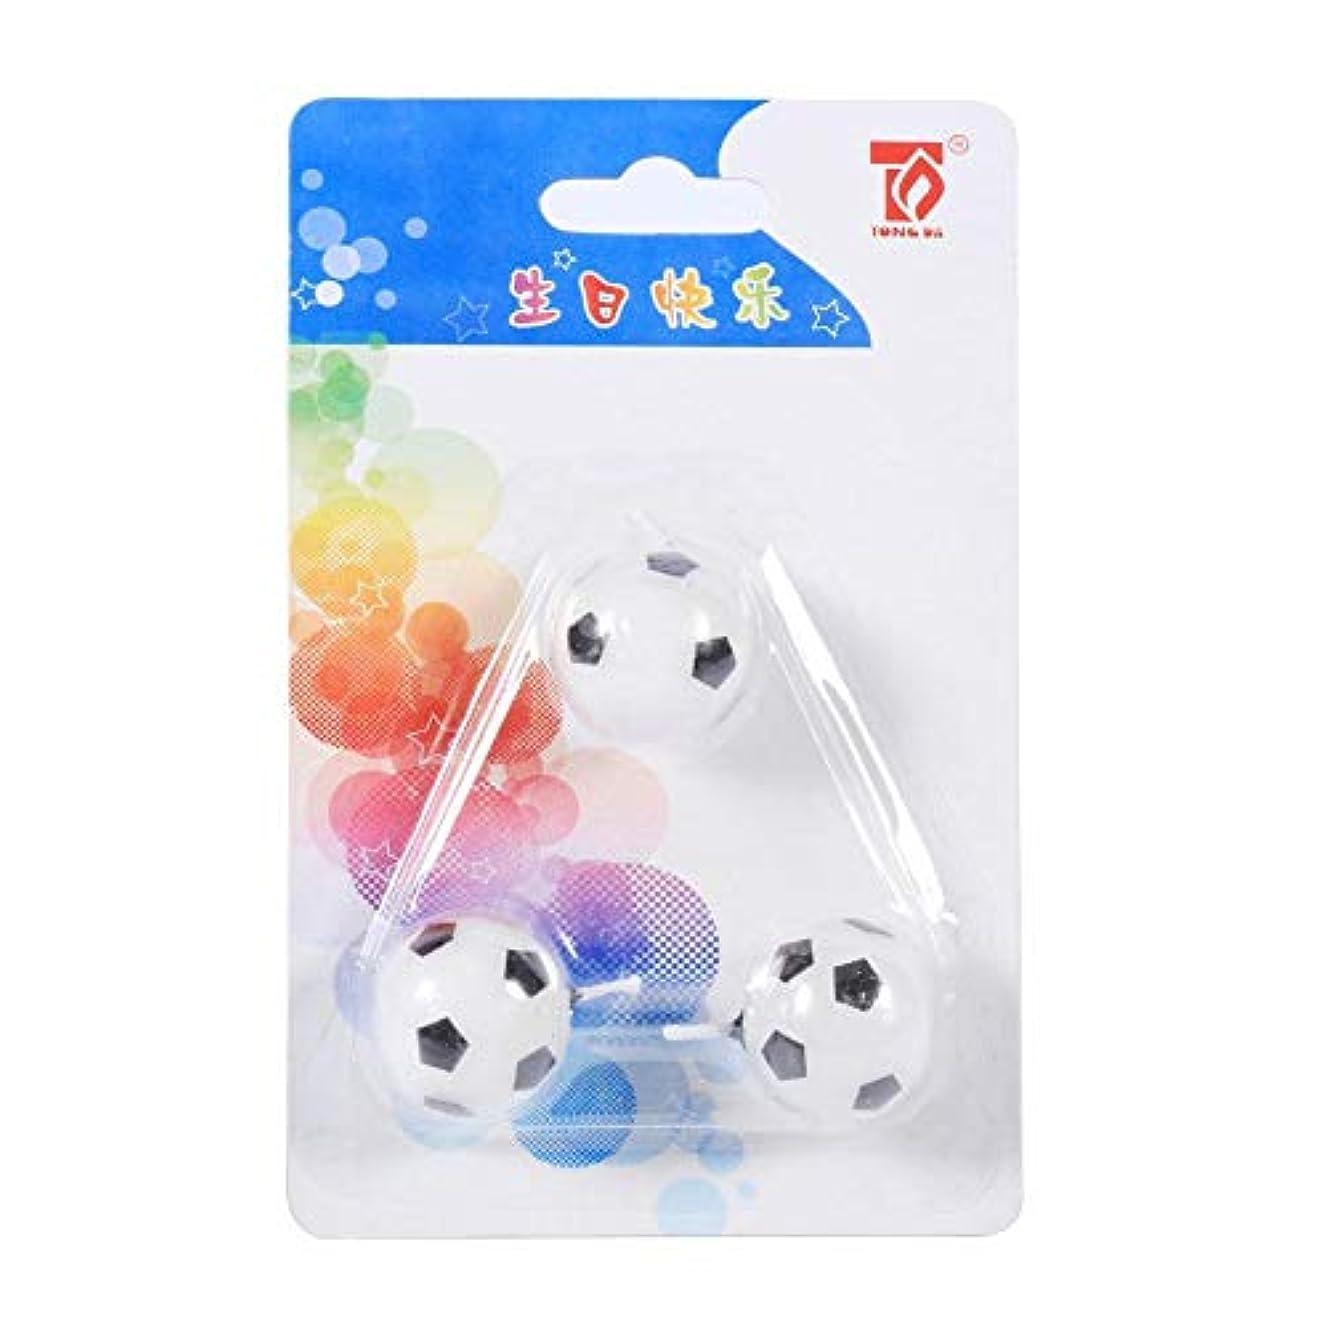 かんがい格差ベーカリーEboxer キャンドル サッカーボールキャンドル キャンドル誕生日 子供向 3個入 サッカーボールの形 誕生日 パーティケーキのキャンドル 飾り物 可愛い